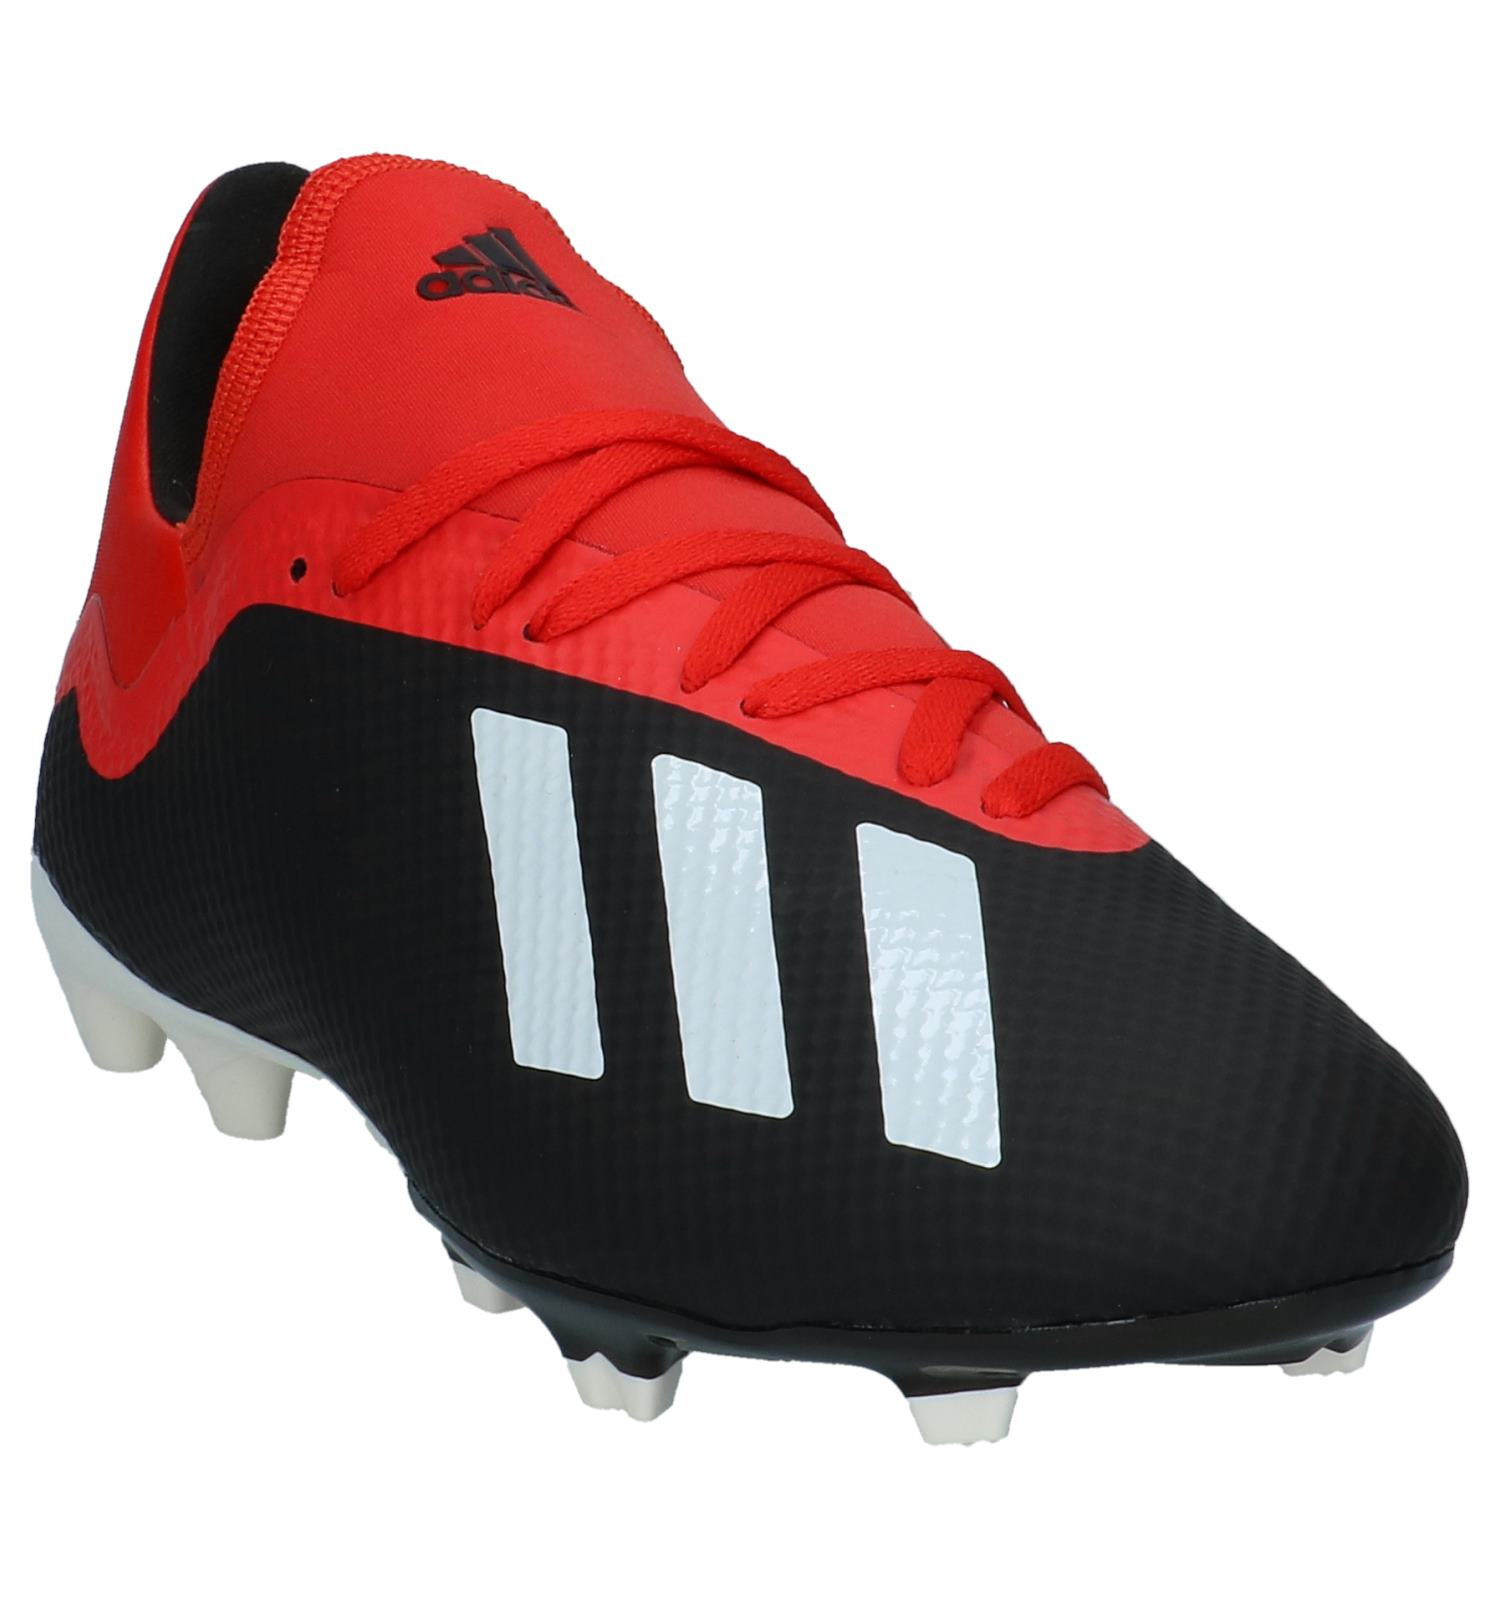 8a90c35232c Zwart/Rode Voetbalschoenen adidas X 18.3 FG | TORFS.BE | Gratis verzend en  retour